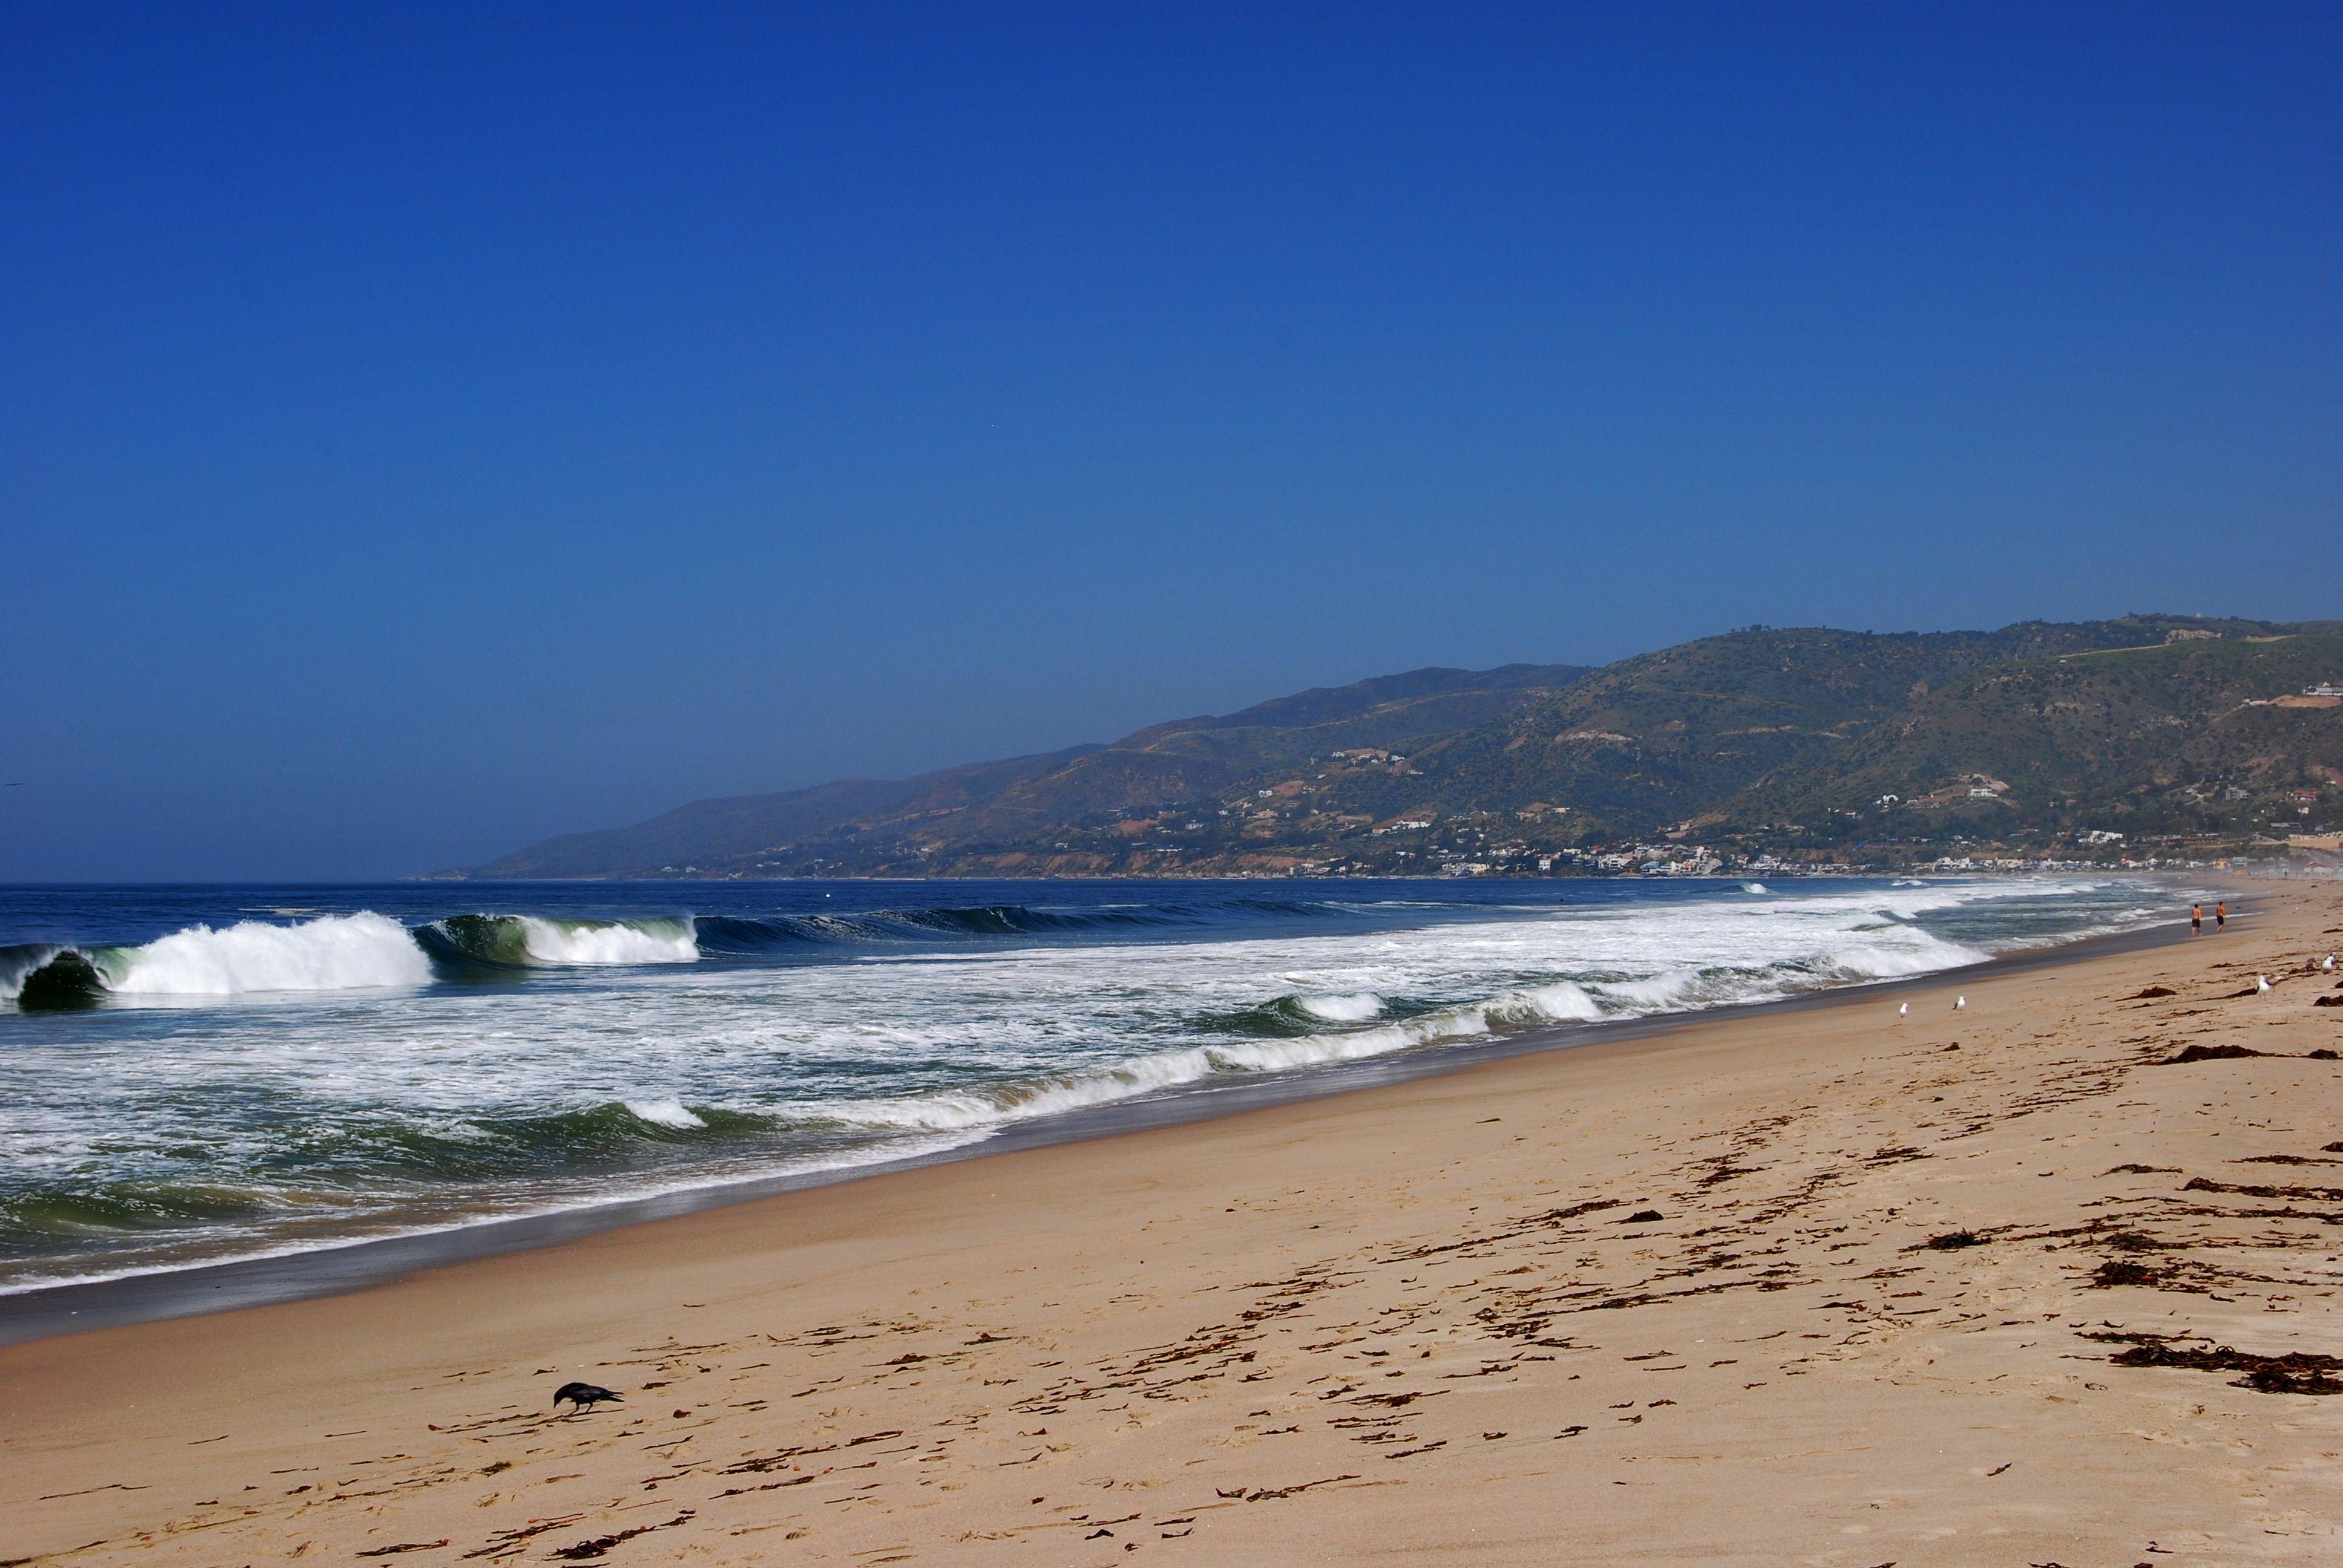 Los Angeles California Beaches Zuma Beach Hey Zuma Not Zumba California Beach Malibu Los Angeles California Beach